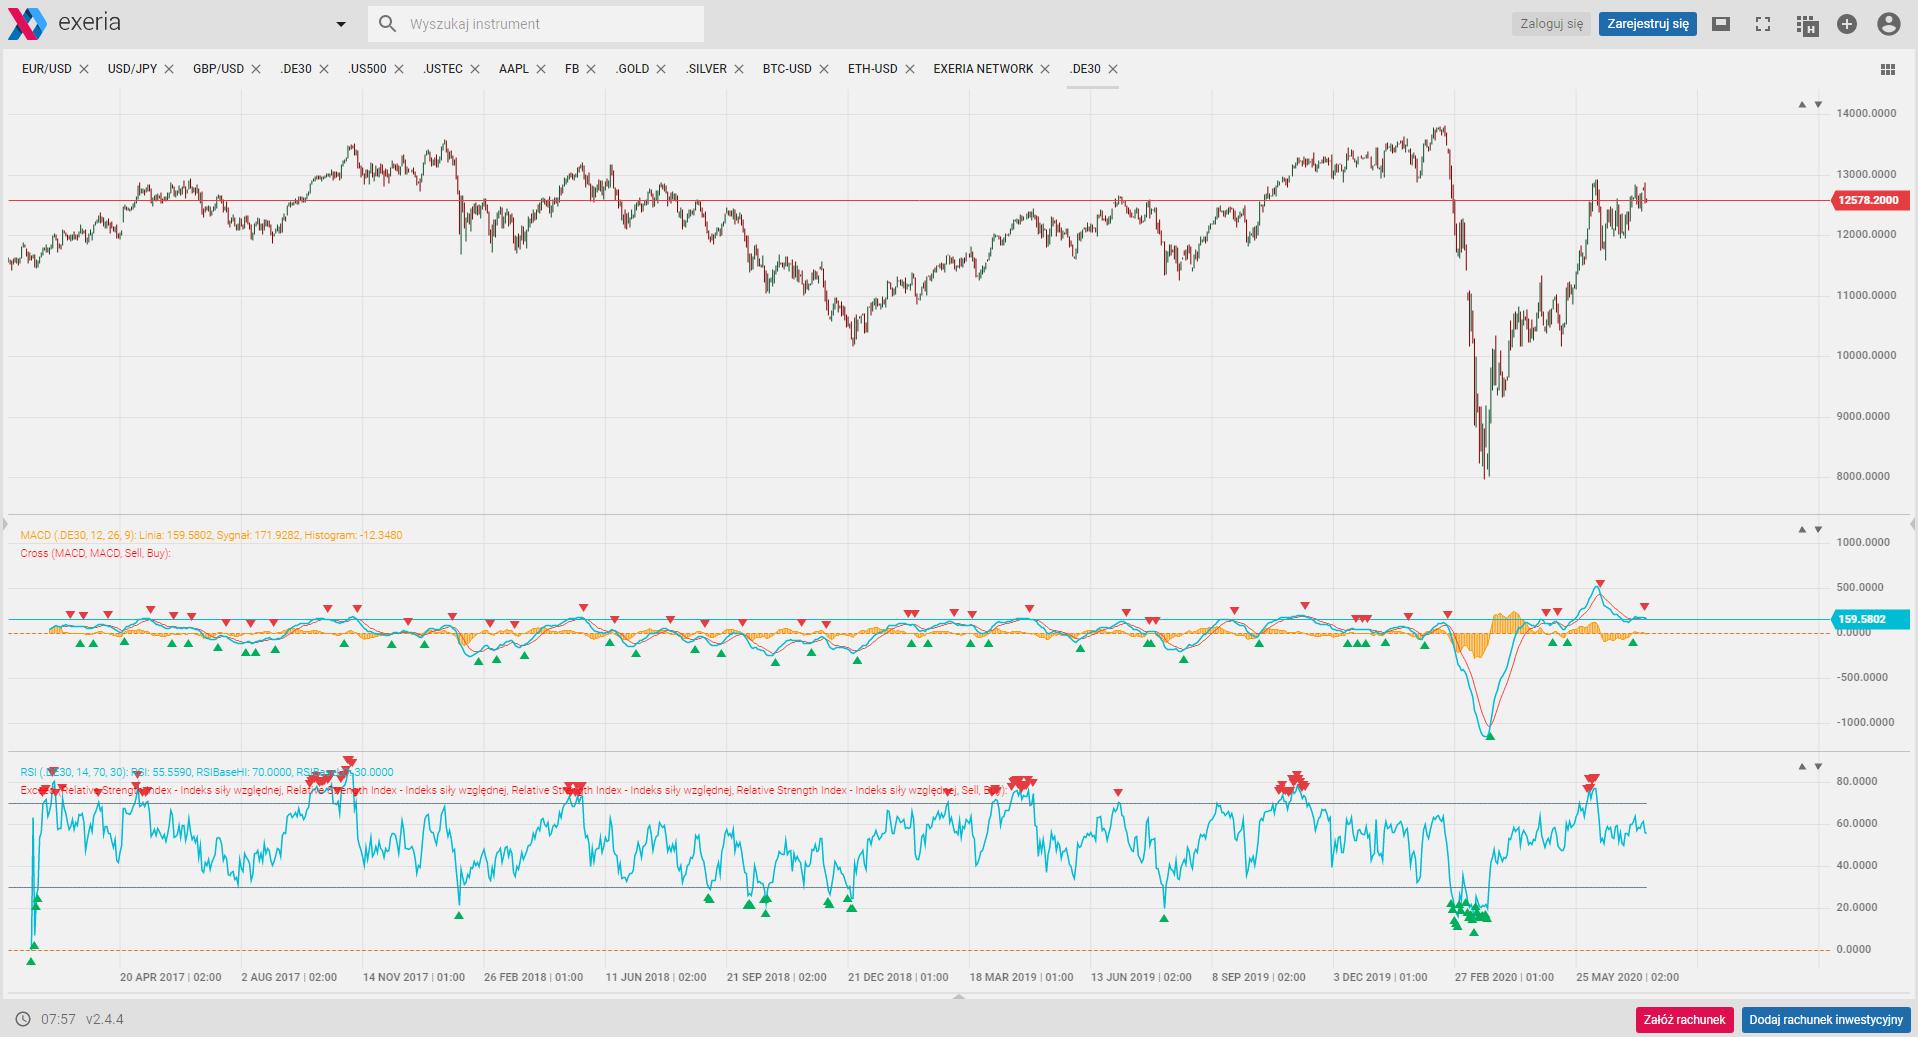 Dax, sygnały, w co inwestować, analiza techniczna, what to invest in, algo trading